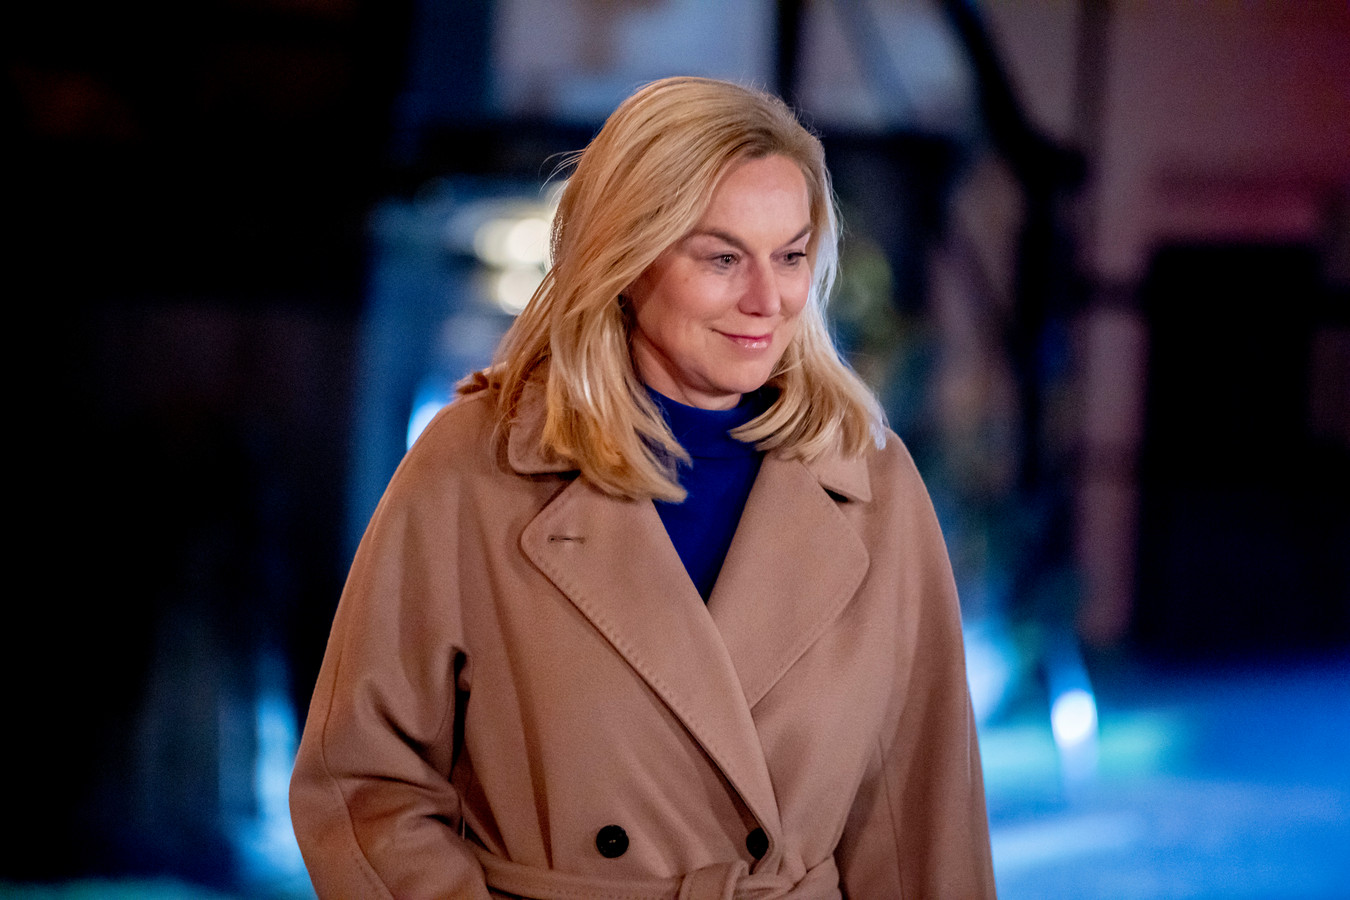 D66-lijsttrekker Sigrid Kaag voorafgaand aan het RTL Verkiezingsdebat zondag.